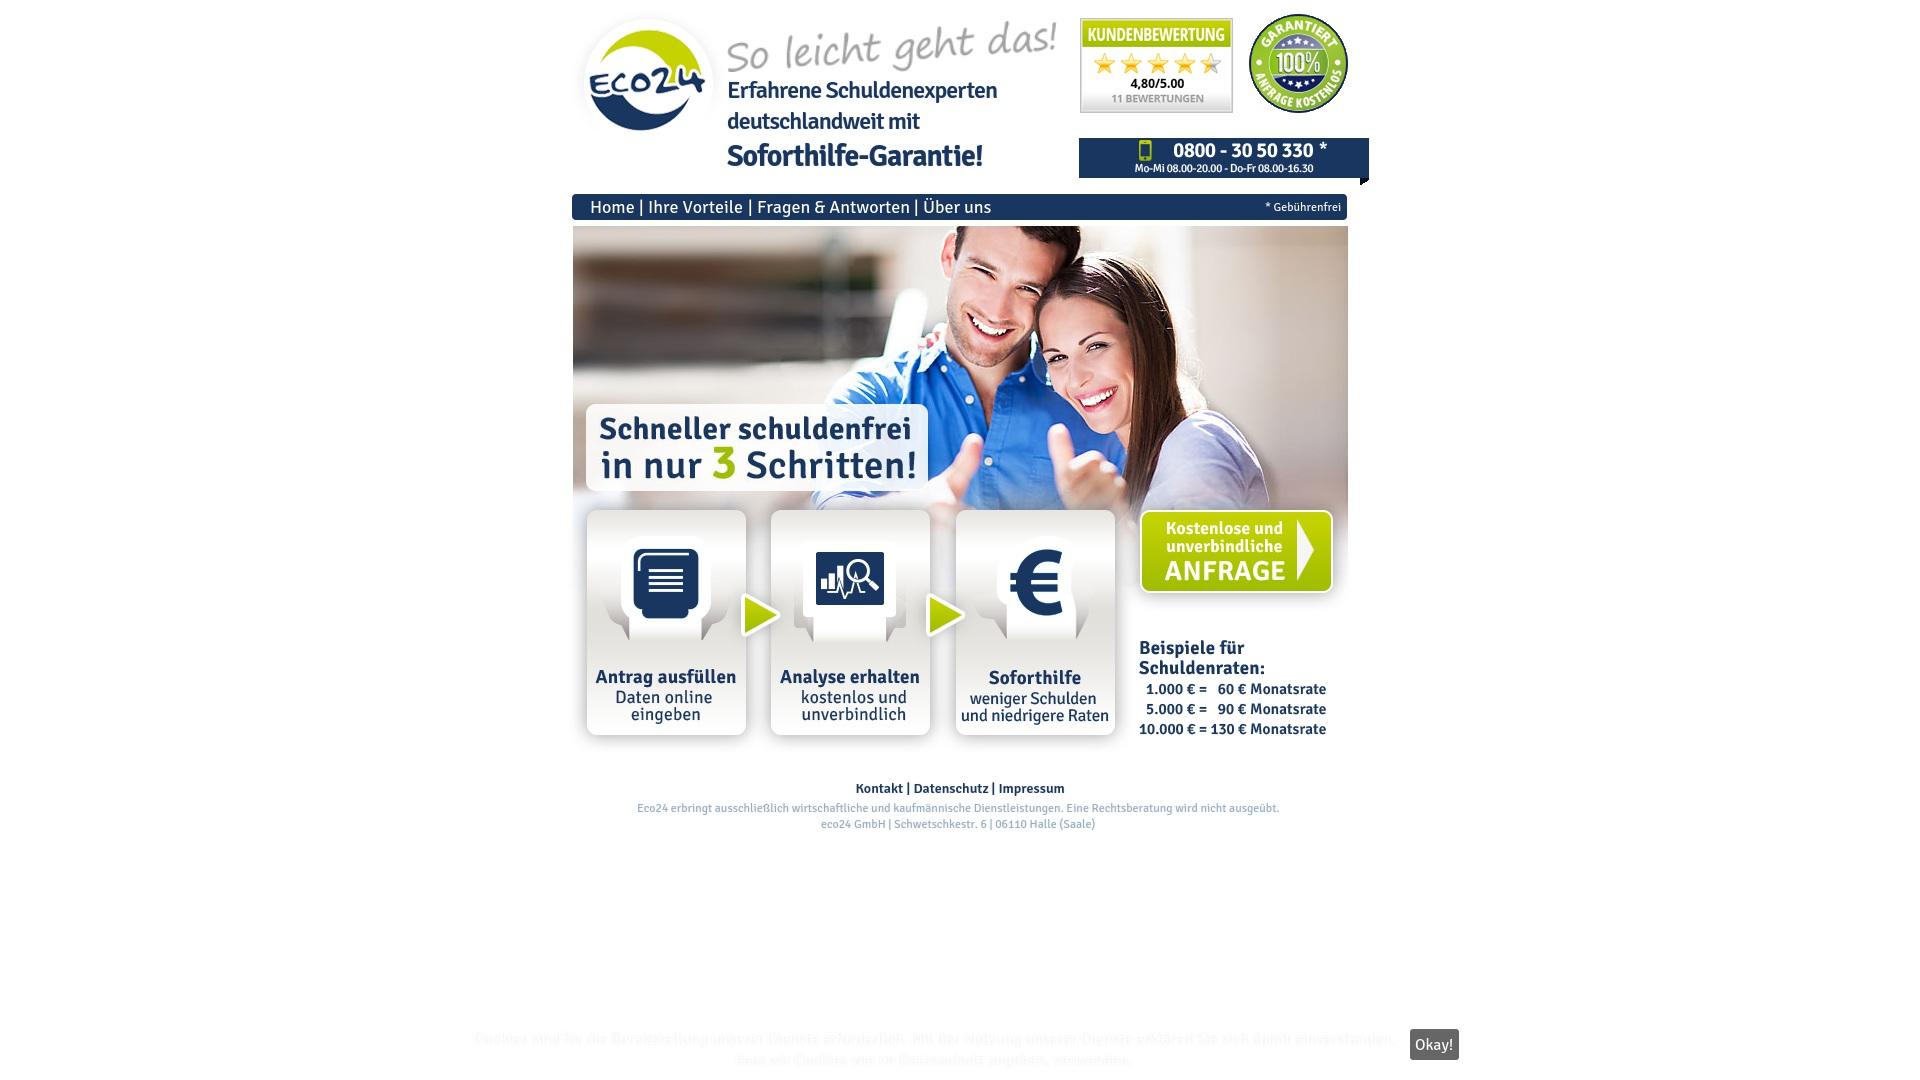 Gutschein für Eco24: Rabatte für  Eco24 sichern